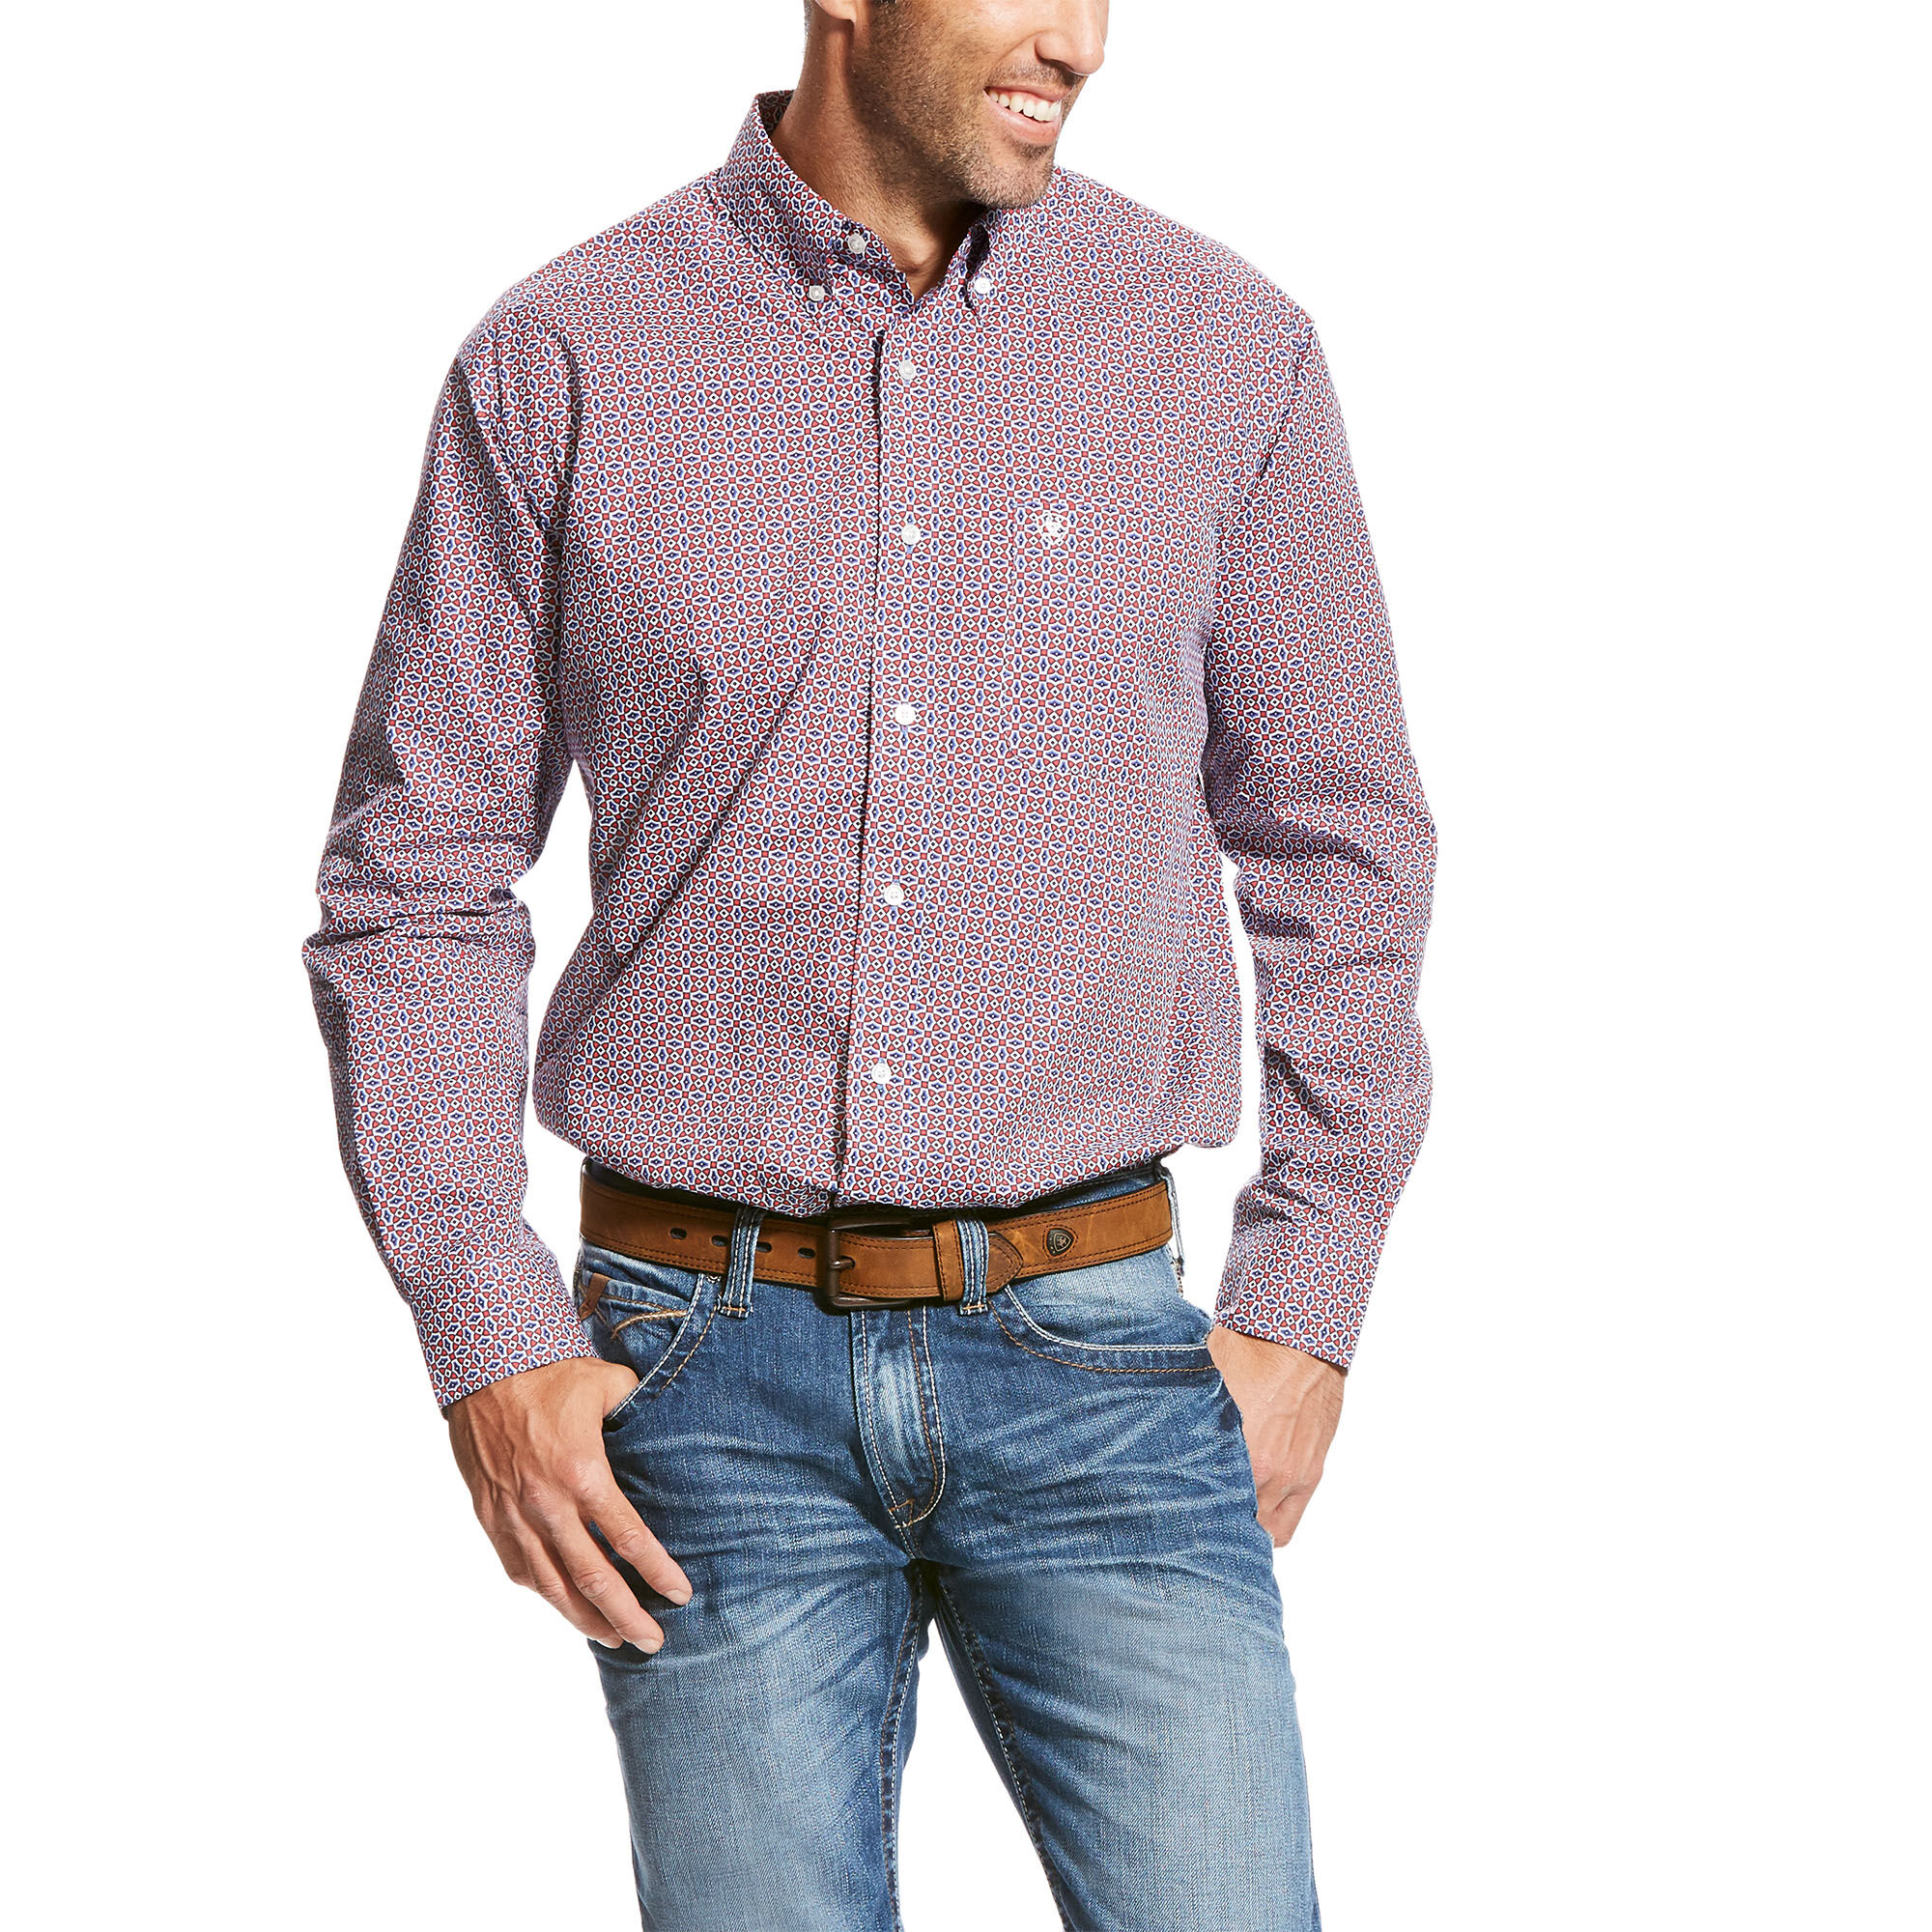 Tallahassee Shirt